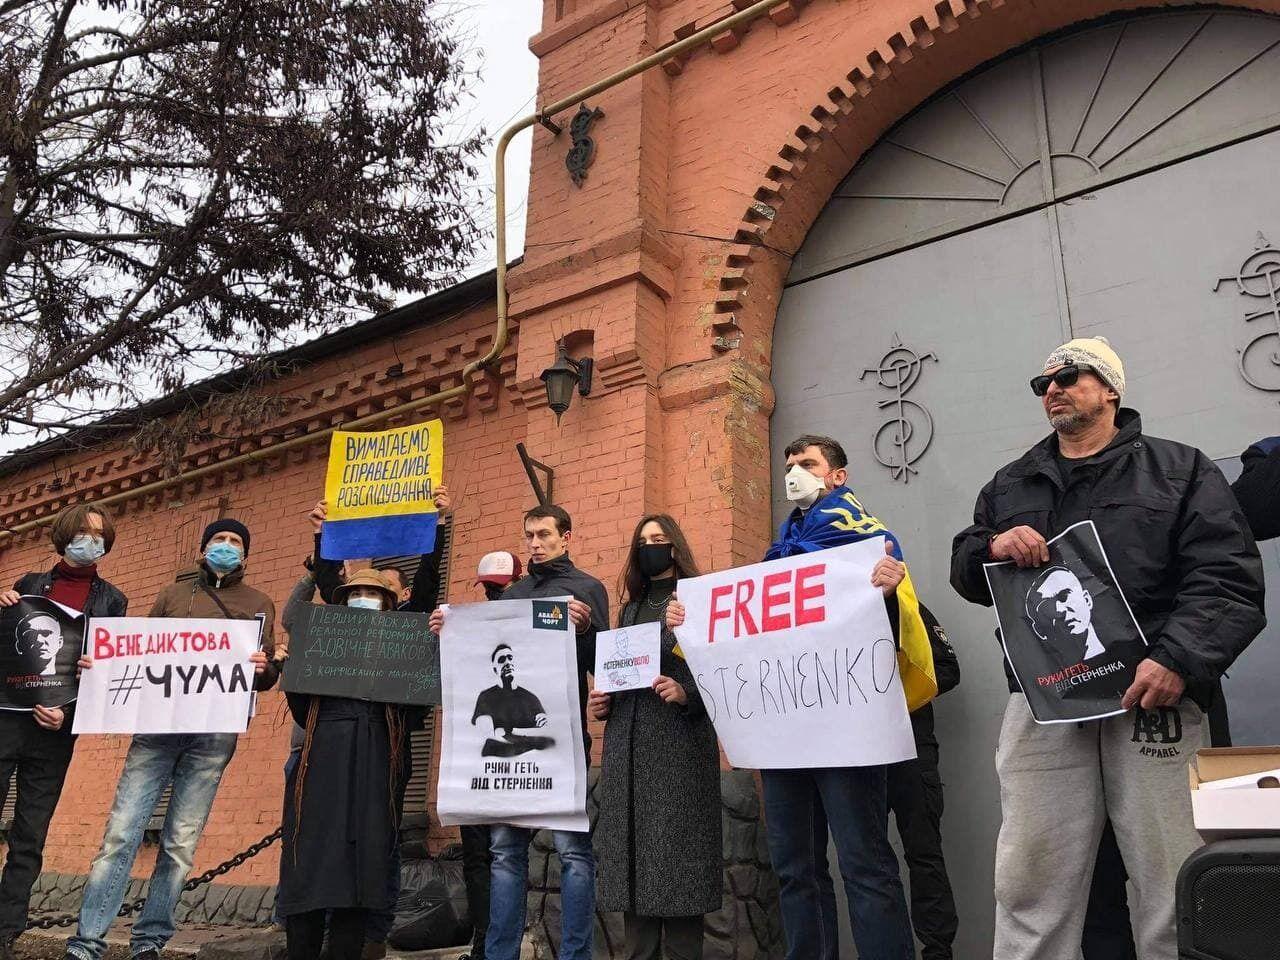 Прихильники засудженого українця прийшли з плакатами